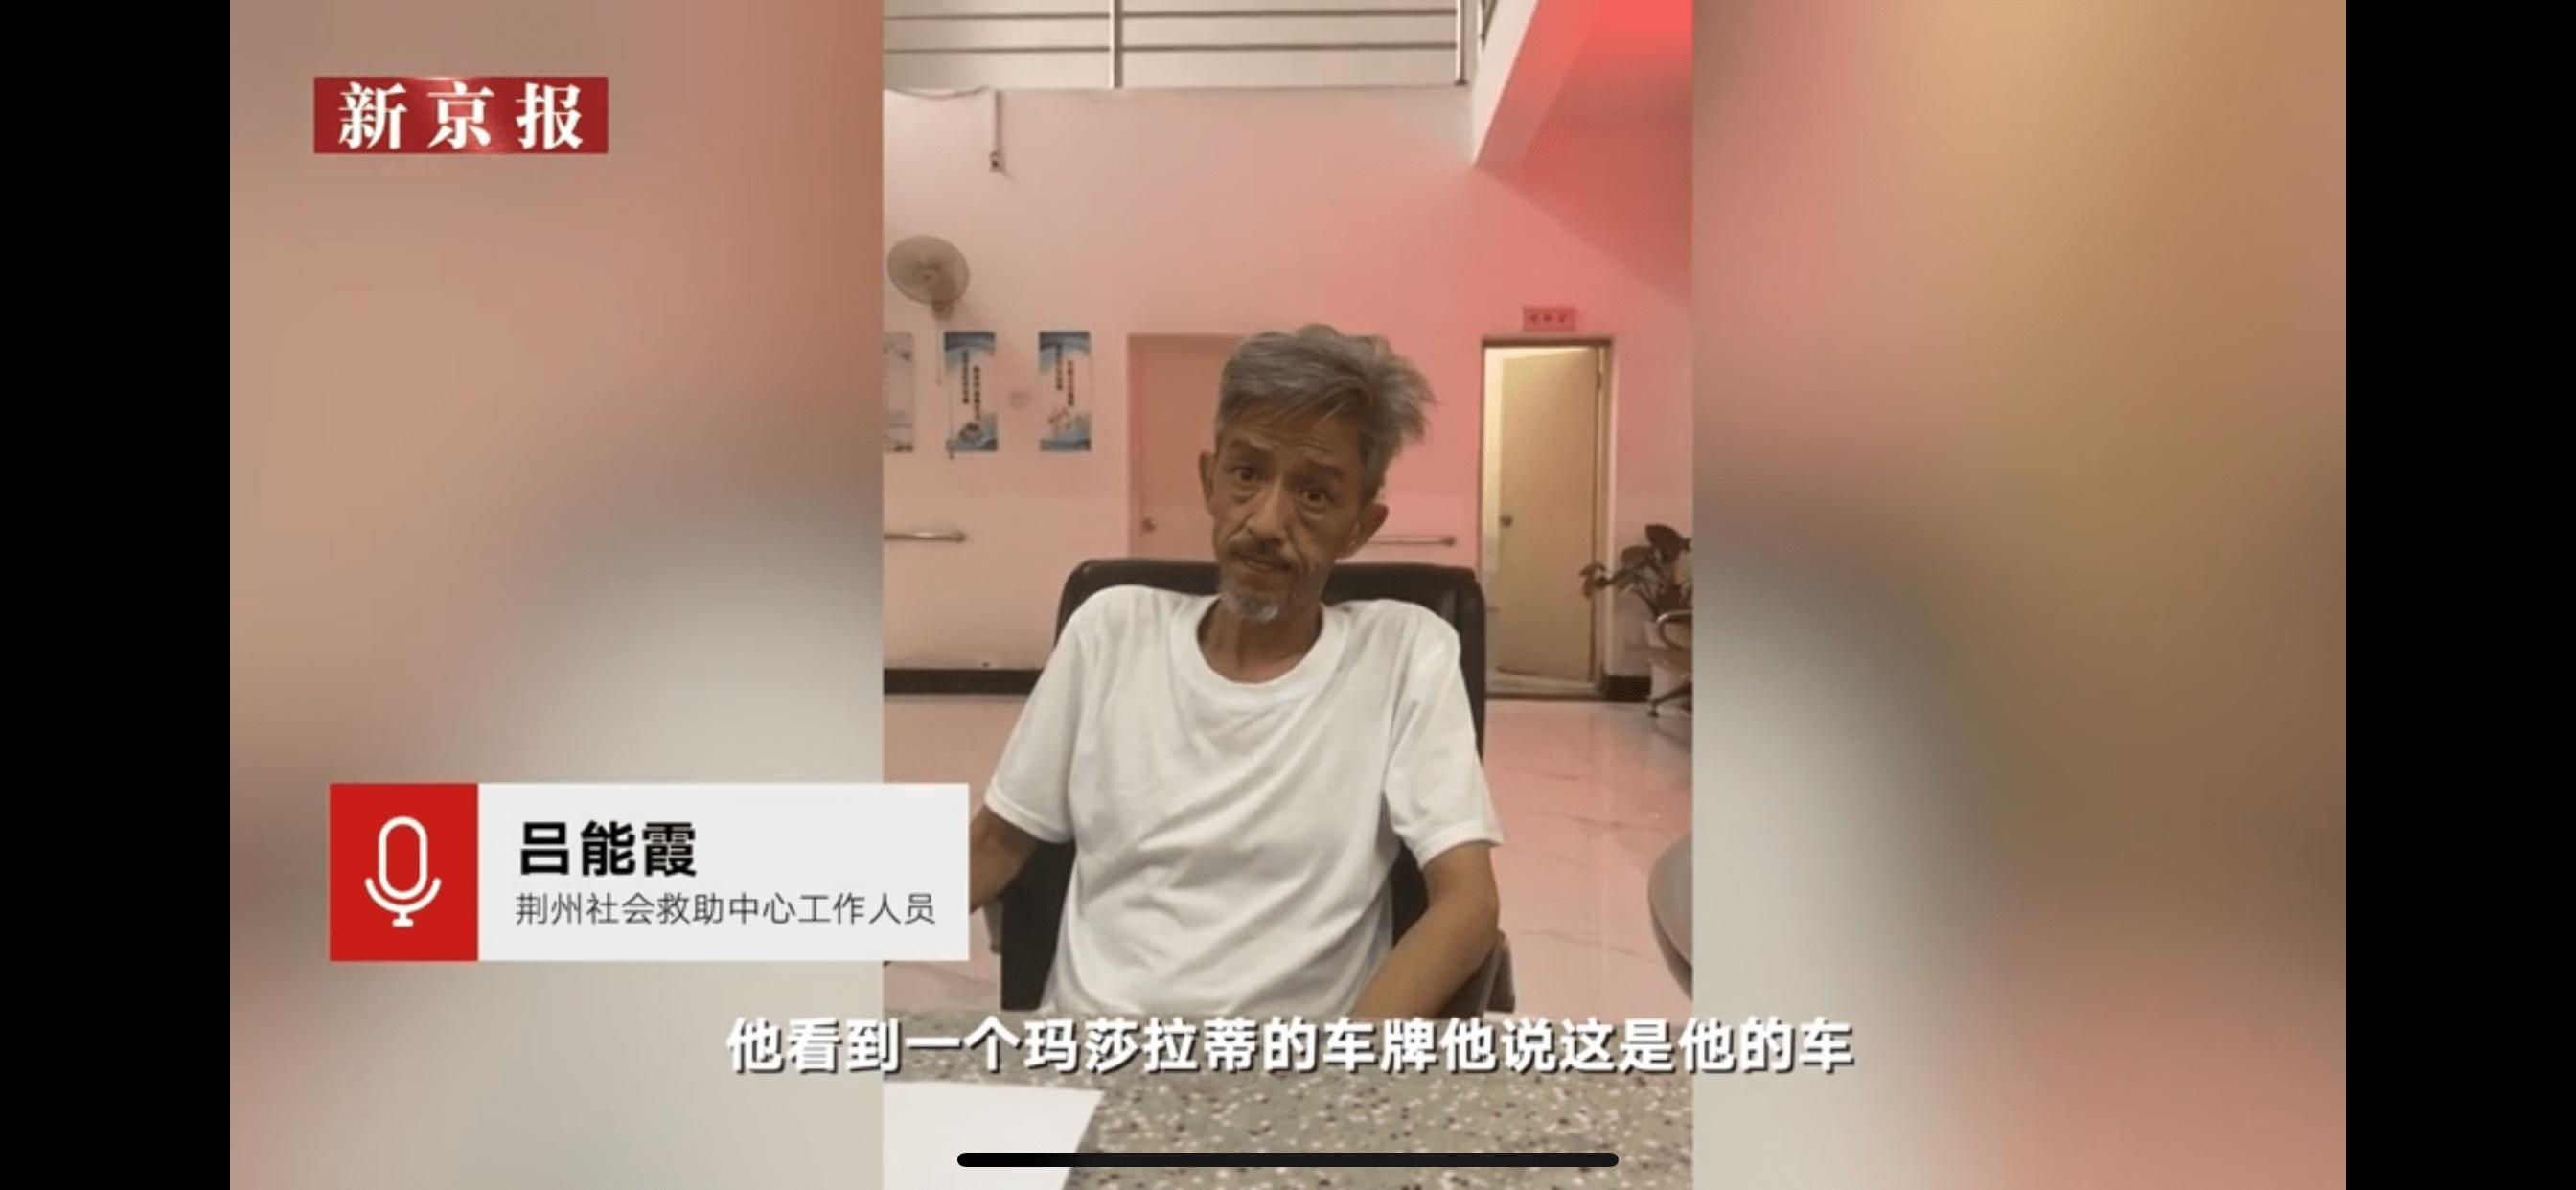 湖北荆州流浪男子身份已确认,系马来西亚籍华人